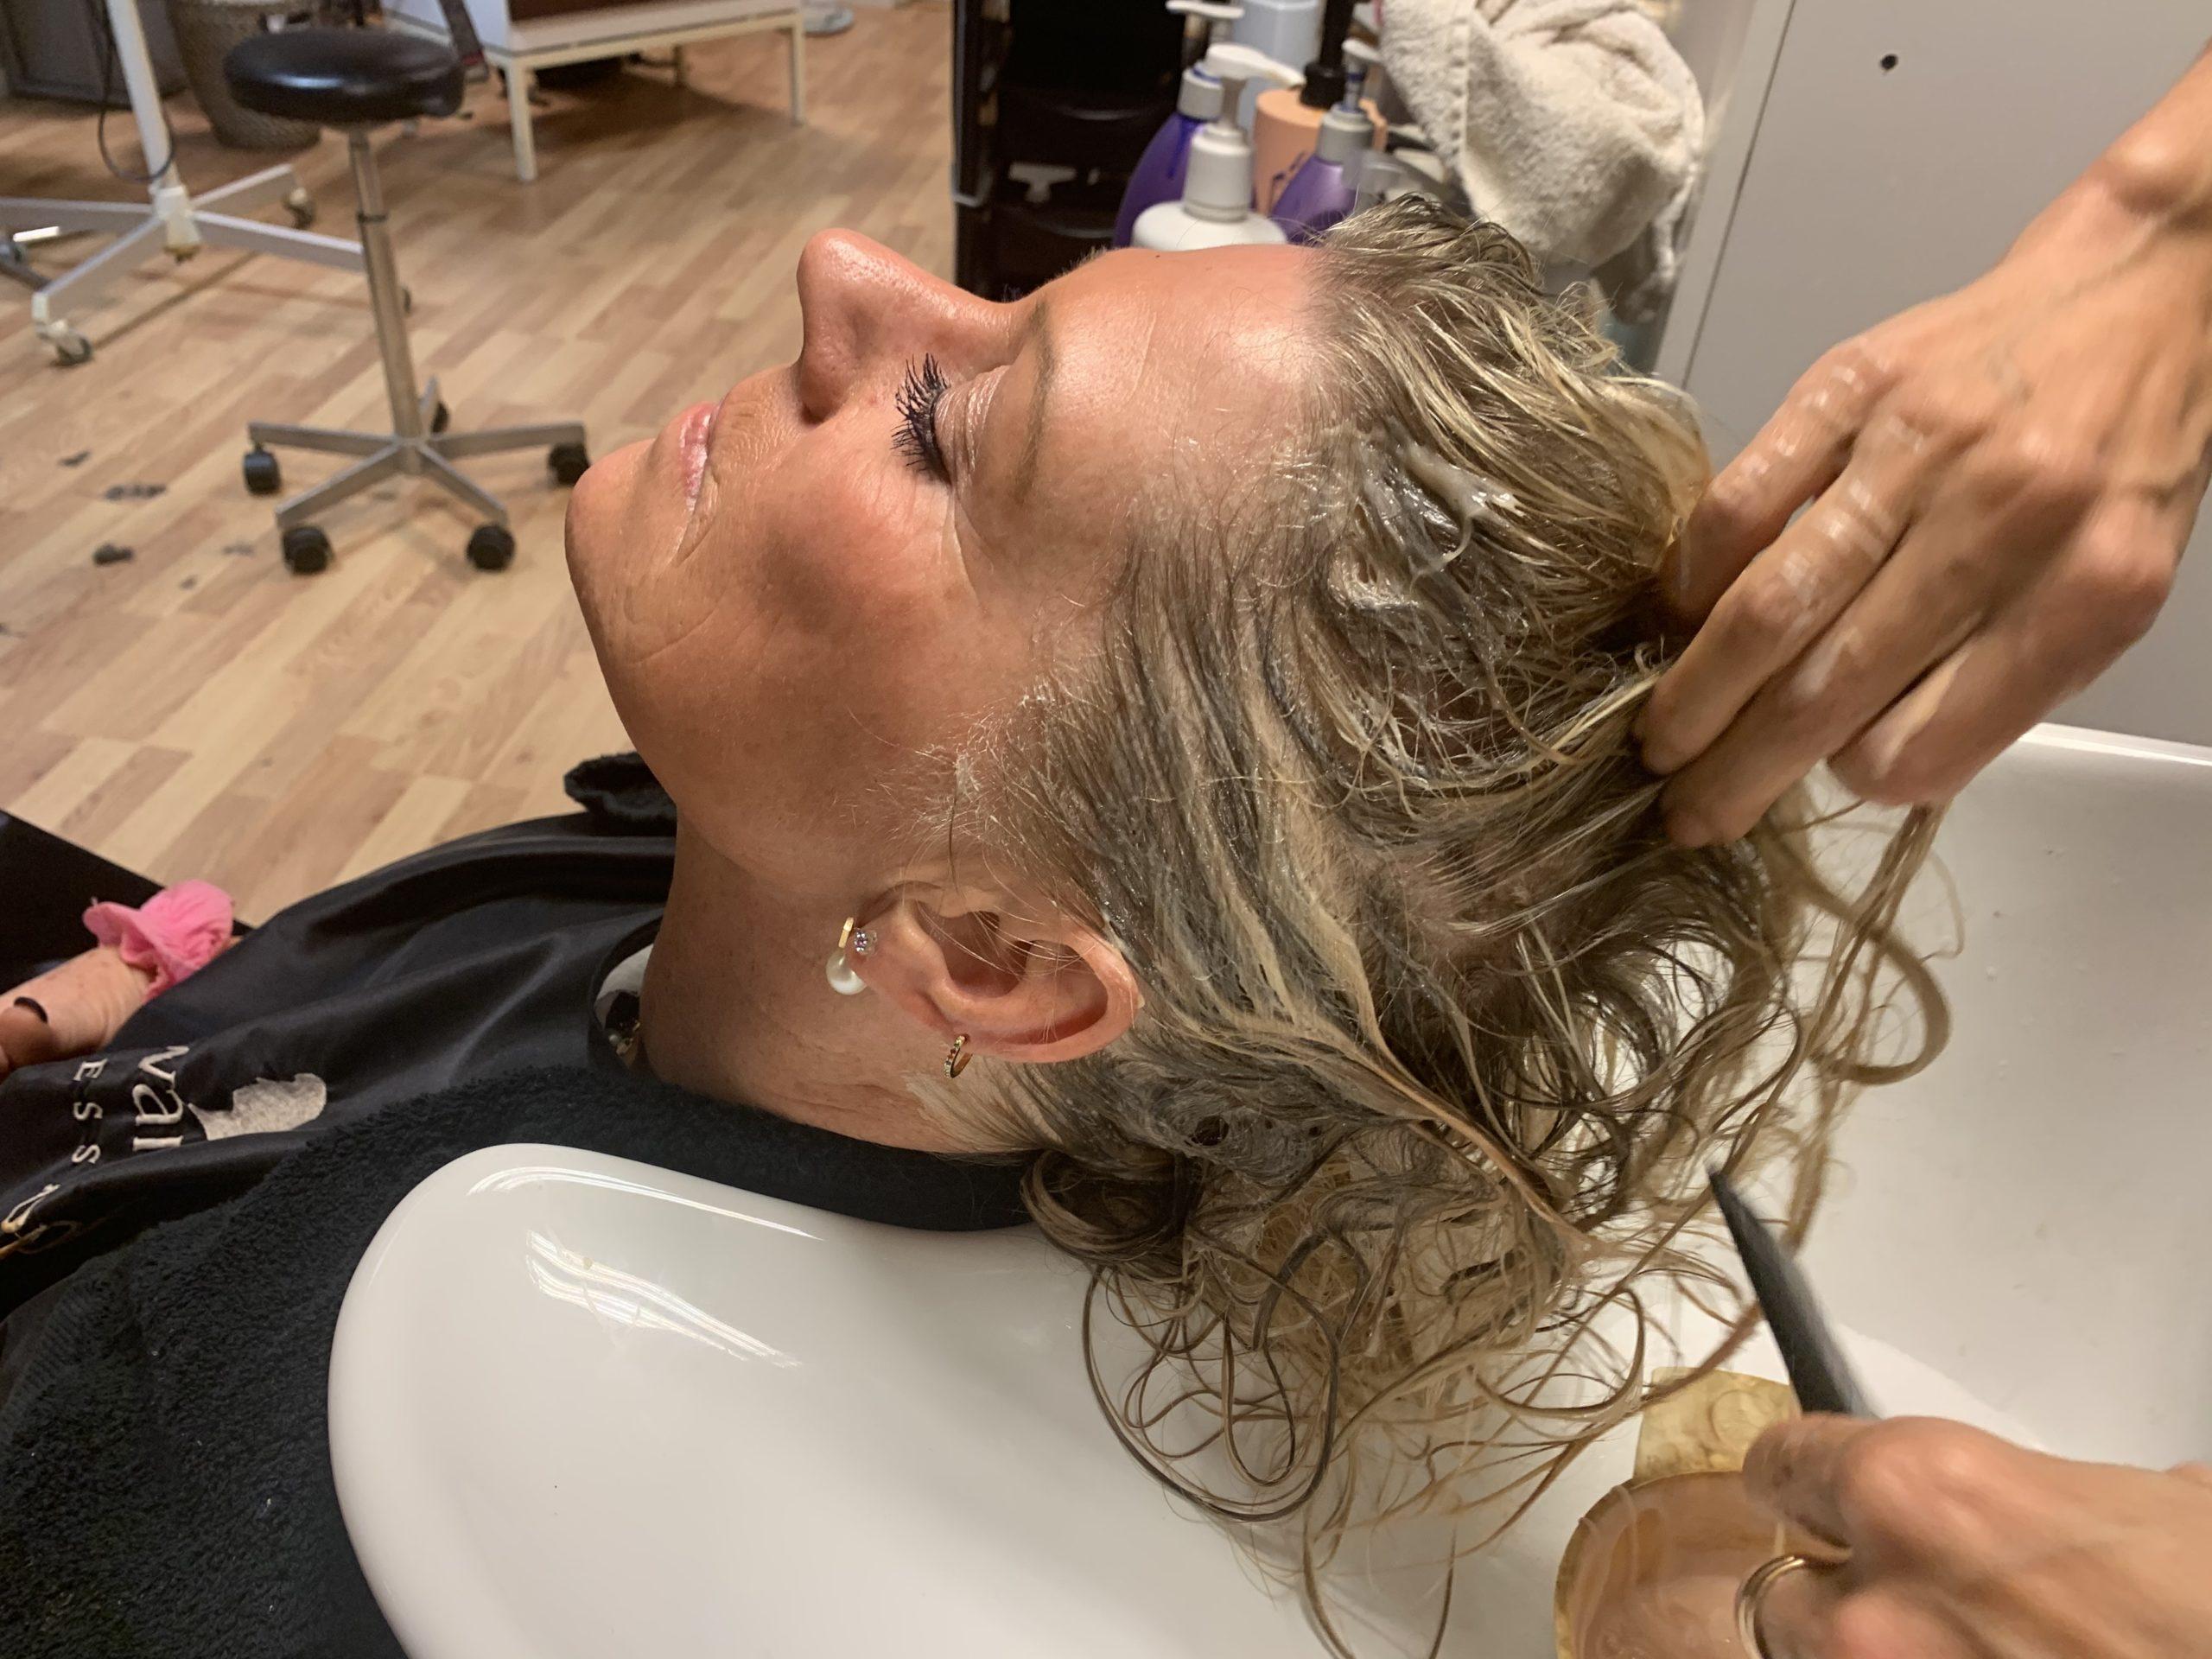 Nästa steg var att tvätta håret.